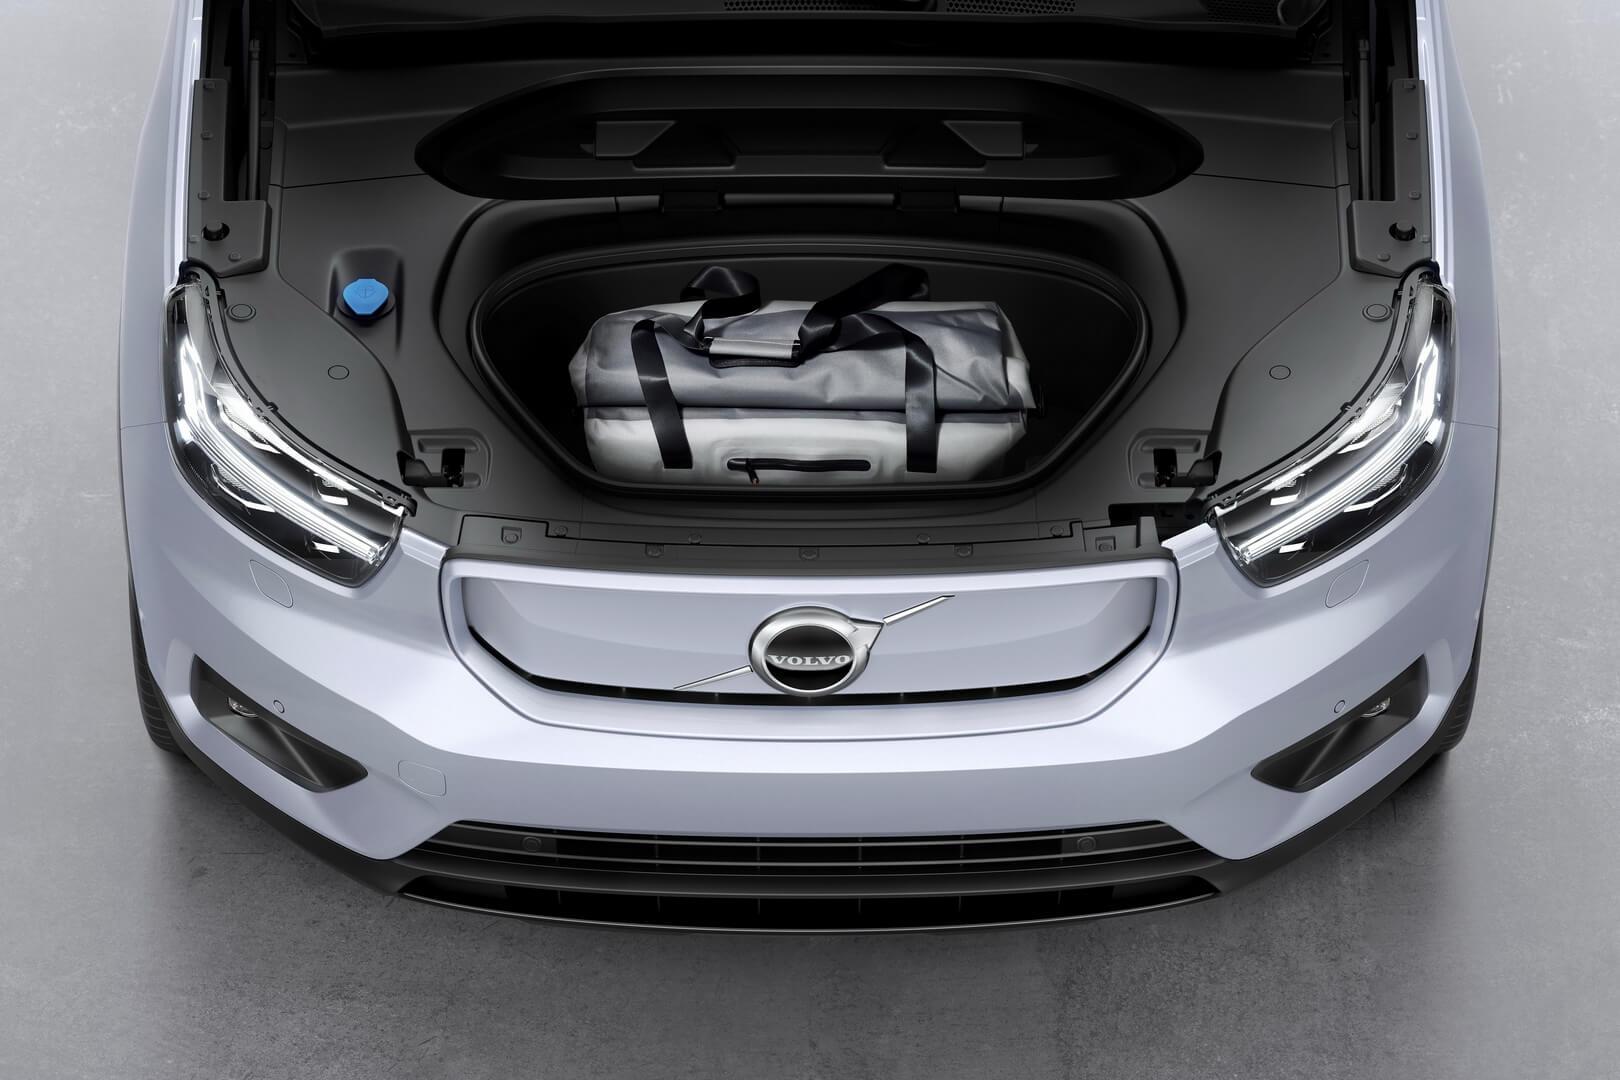 Електричний кросовер Volvo XC40 Recharge отримав передній багажник